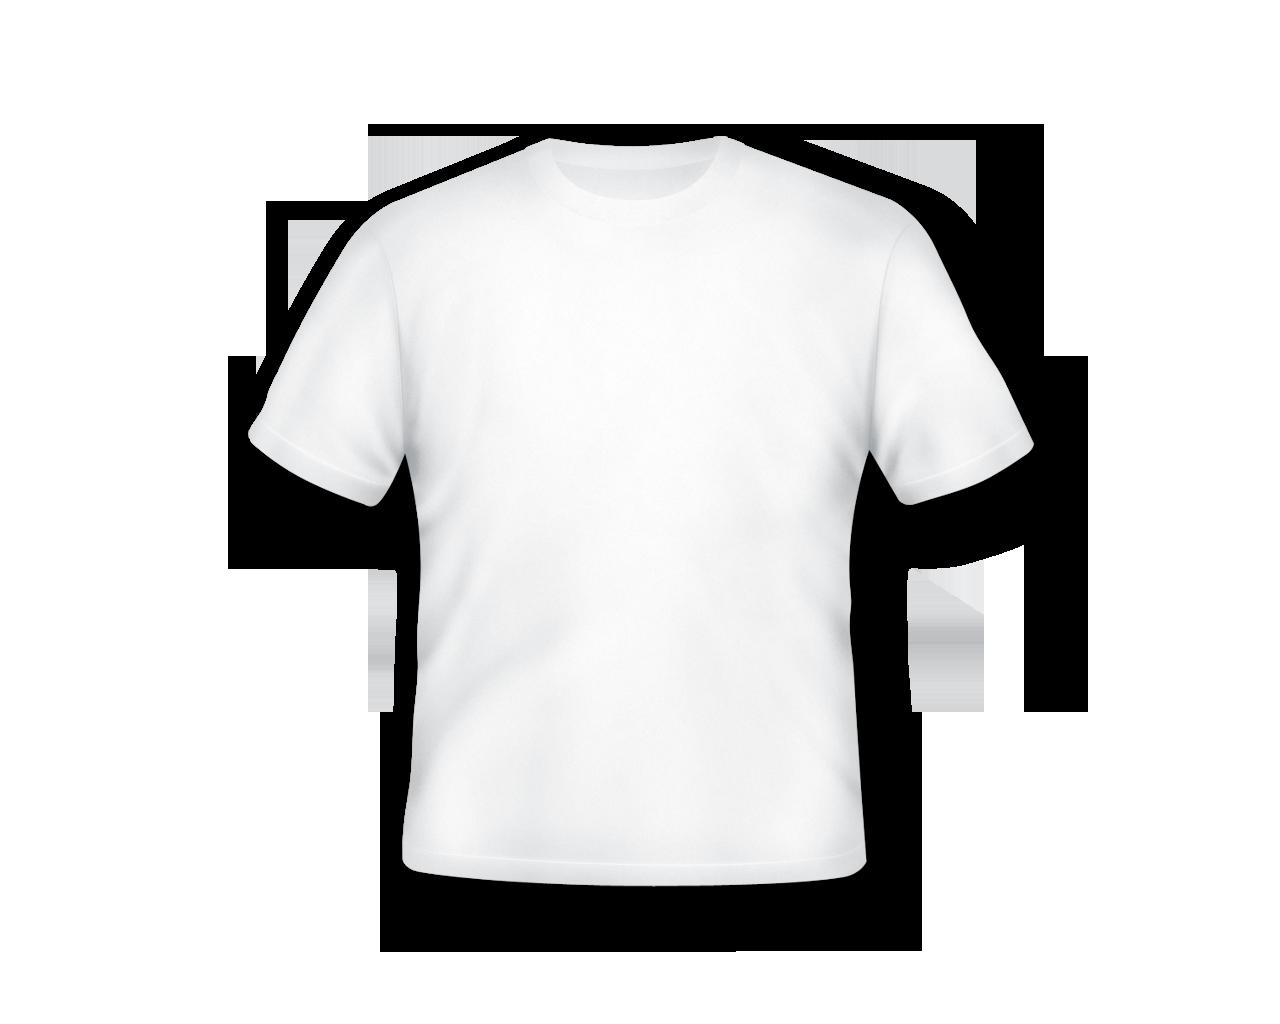 Tshirt PNG - 13331